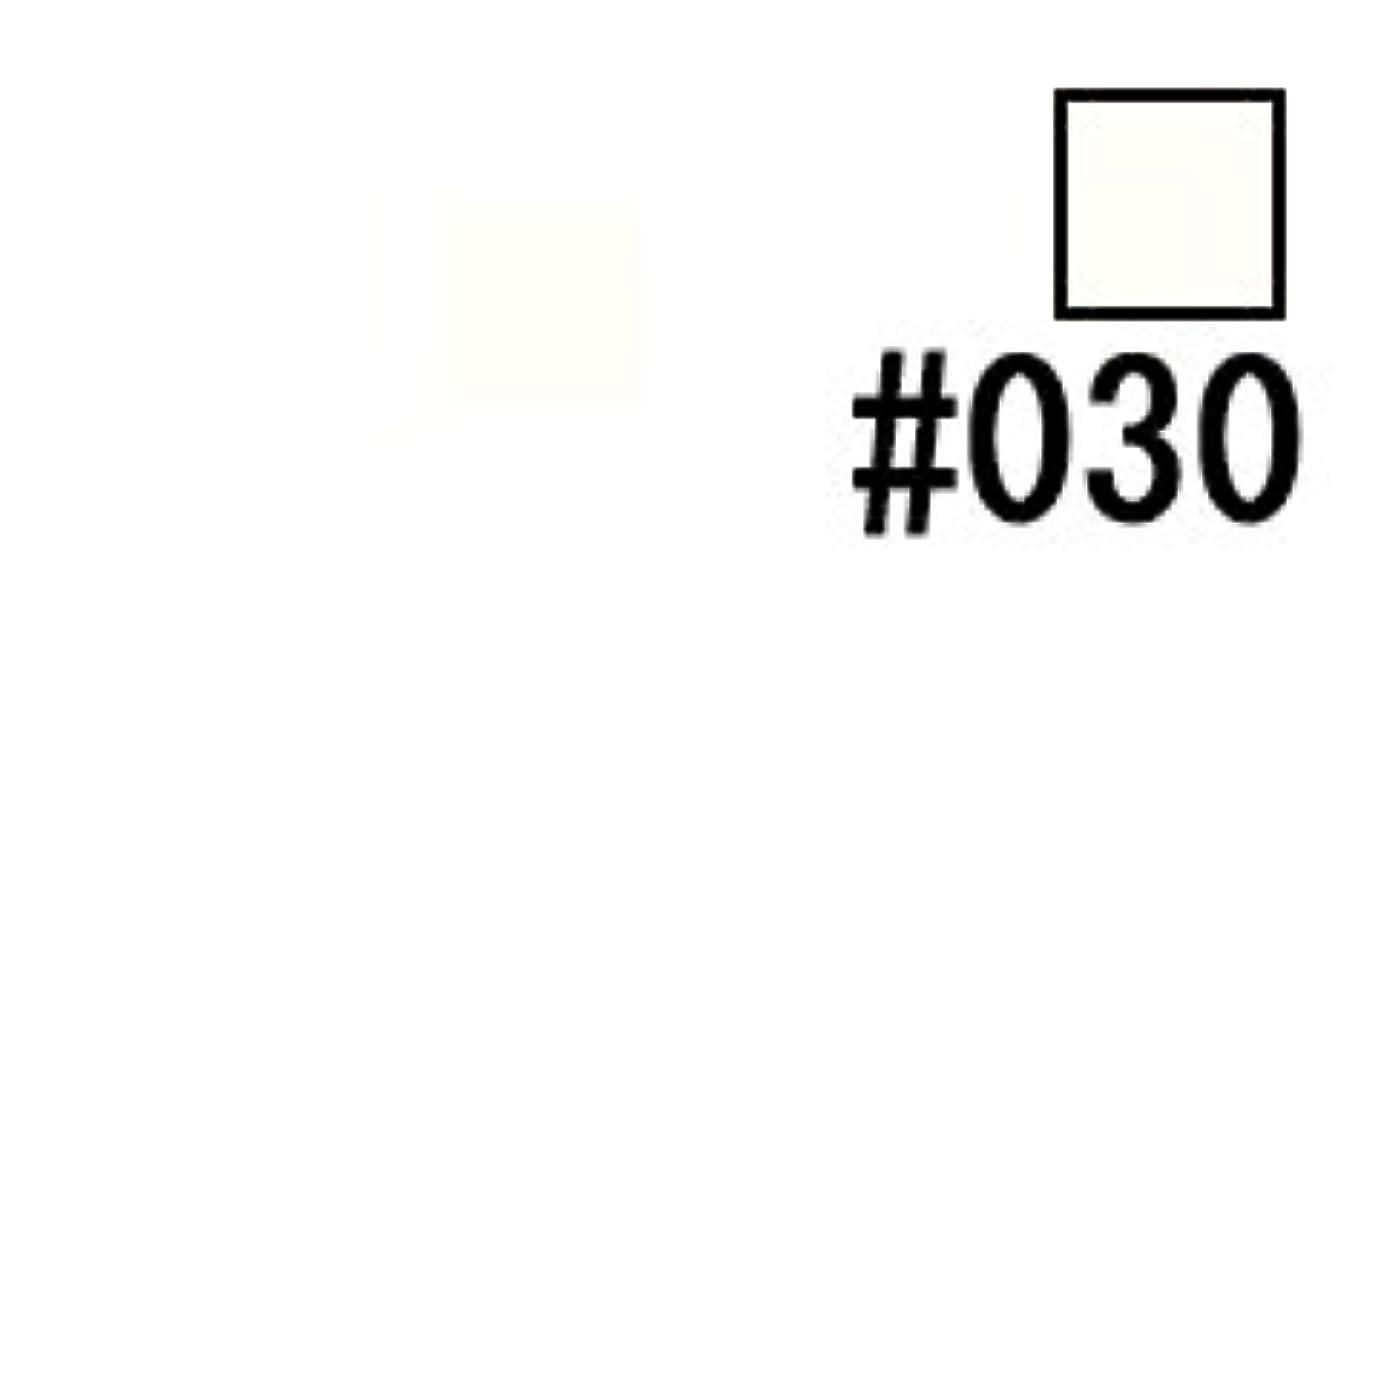 天井ソファー電話する【レブロン】パヒューマリー センティド ネイルエナメル #030 11.7ml [並行輸入品]